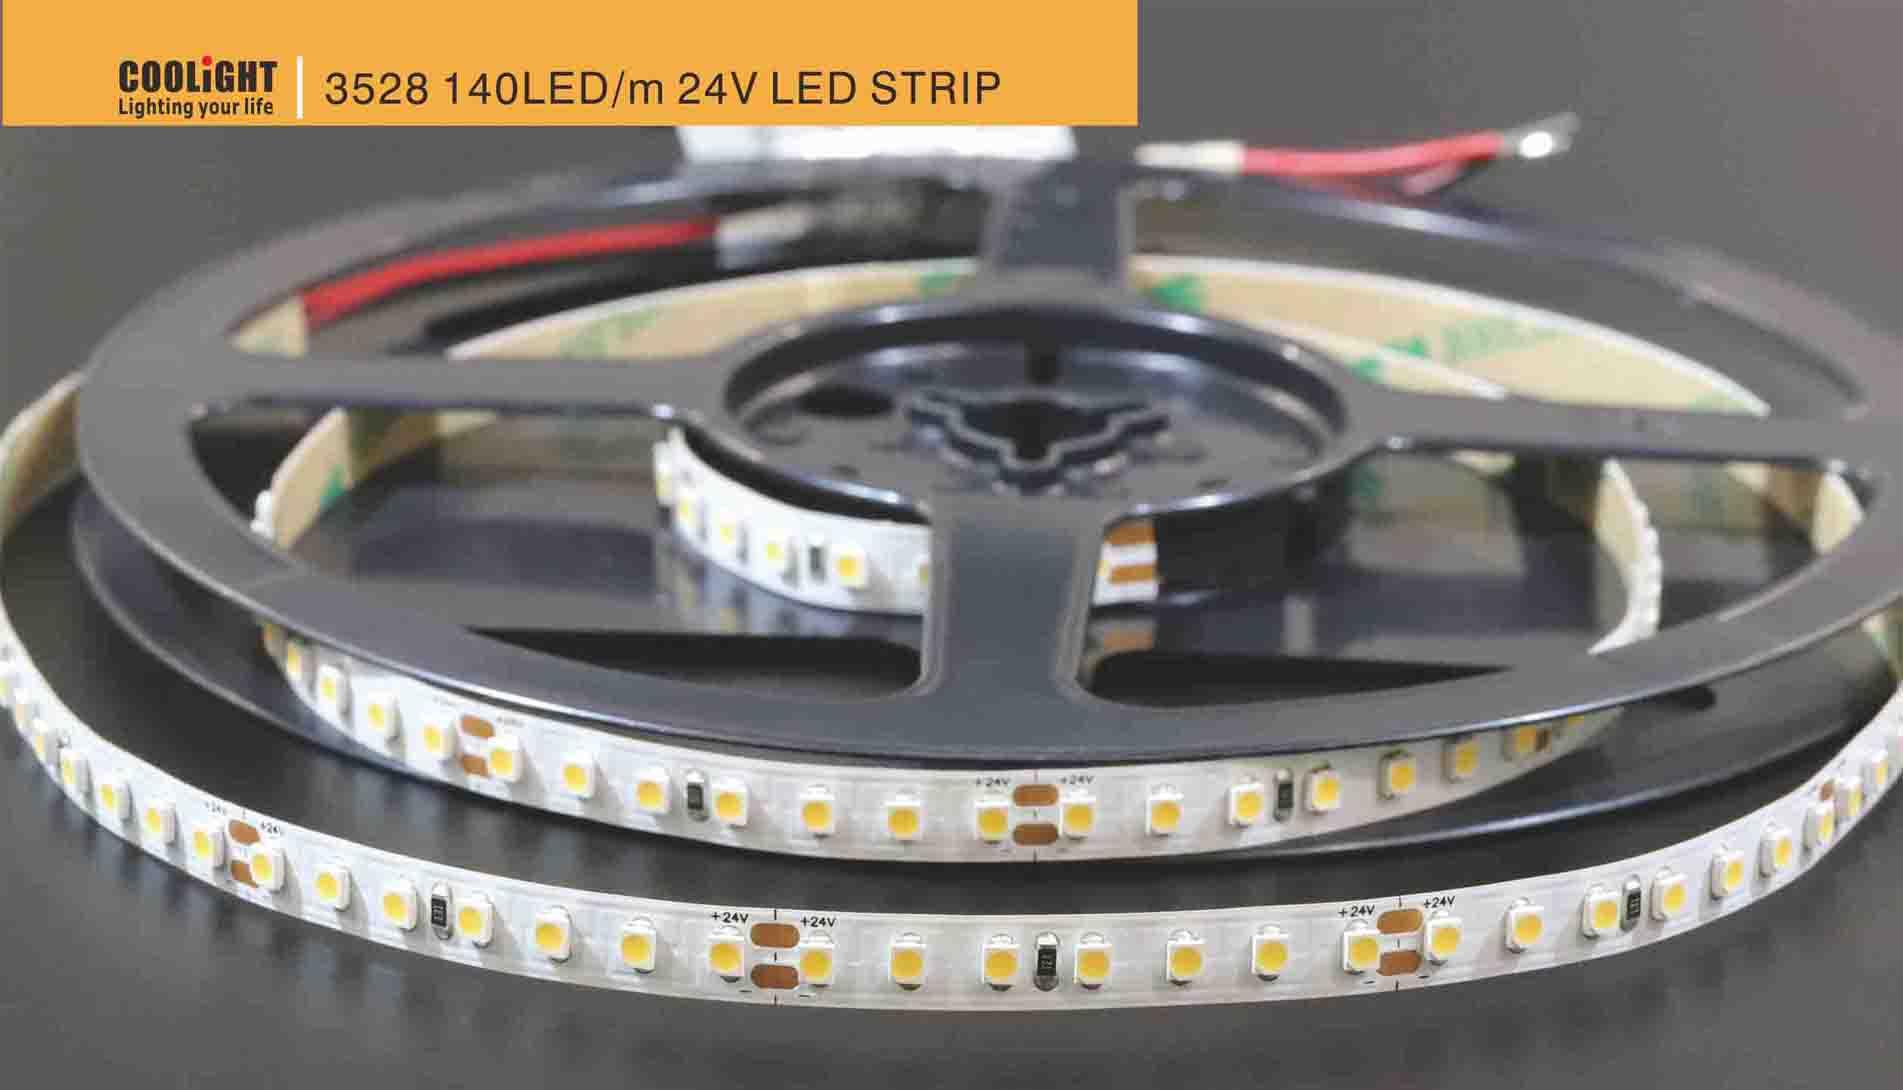 3528 140led/m 24v led strip